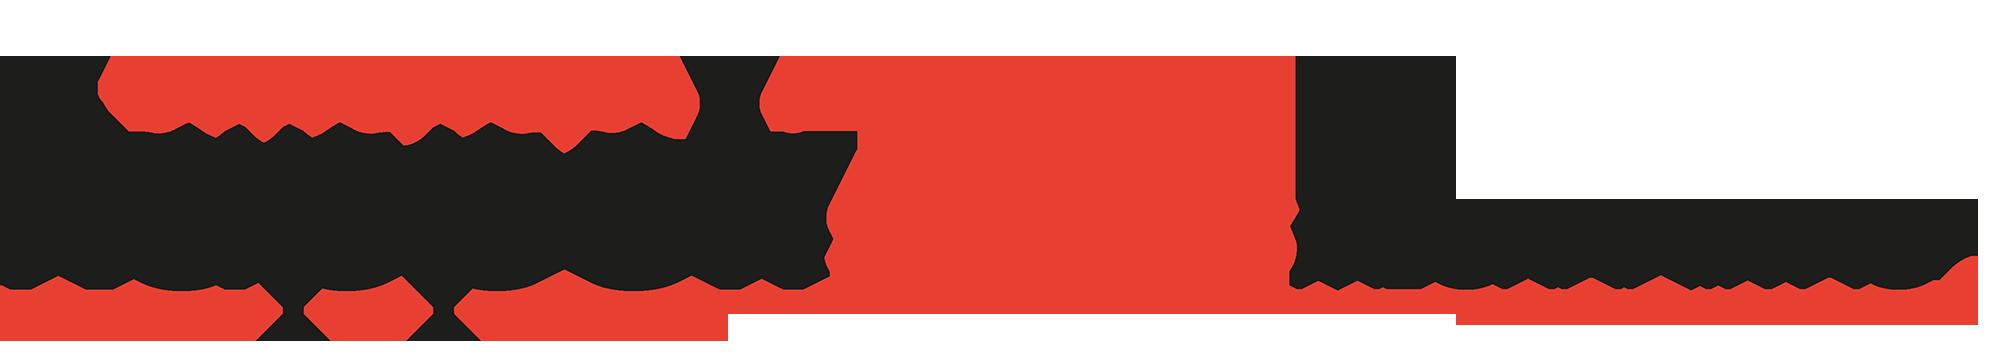 logo_kaeppeli_schweisstmechanik_klein